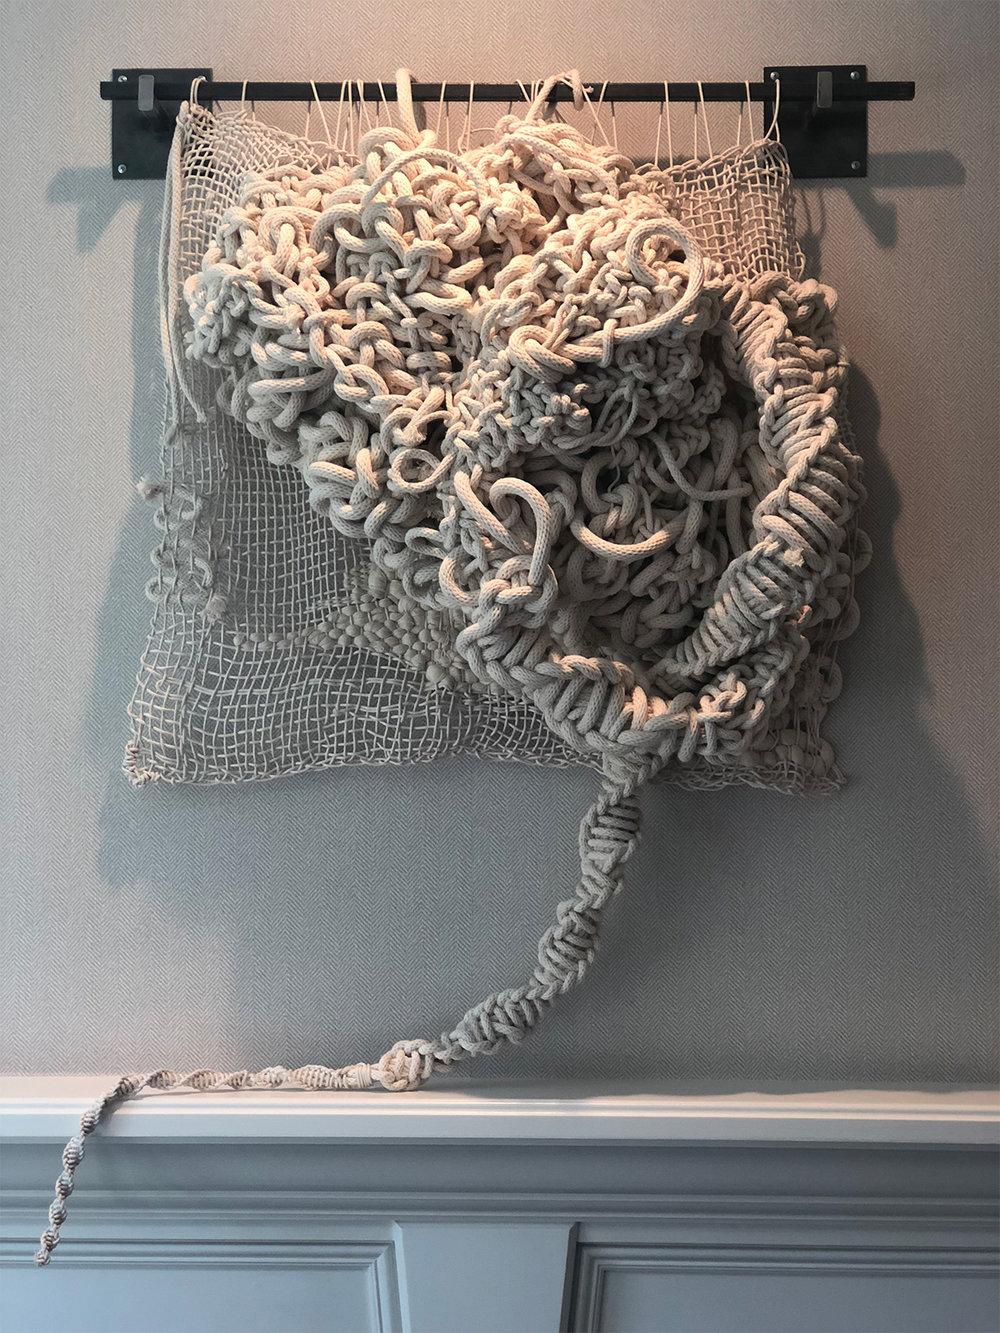 Jacqueline-Surdell-Artist-Sculpture-A-Heavy-Dew-07.jpg